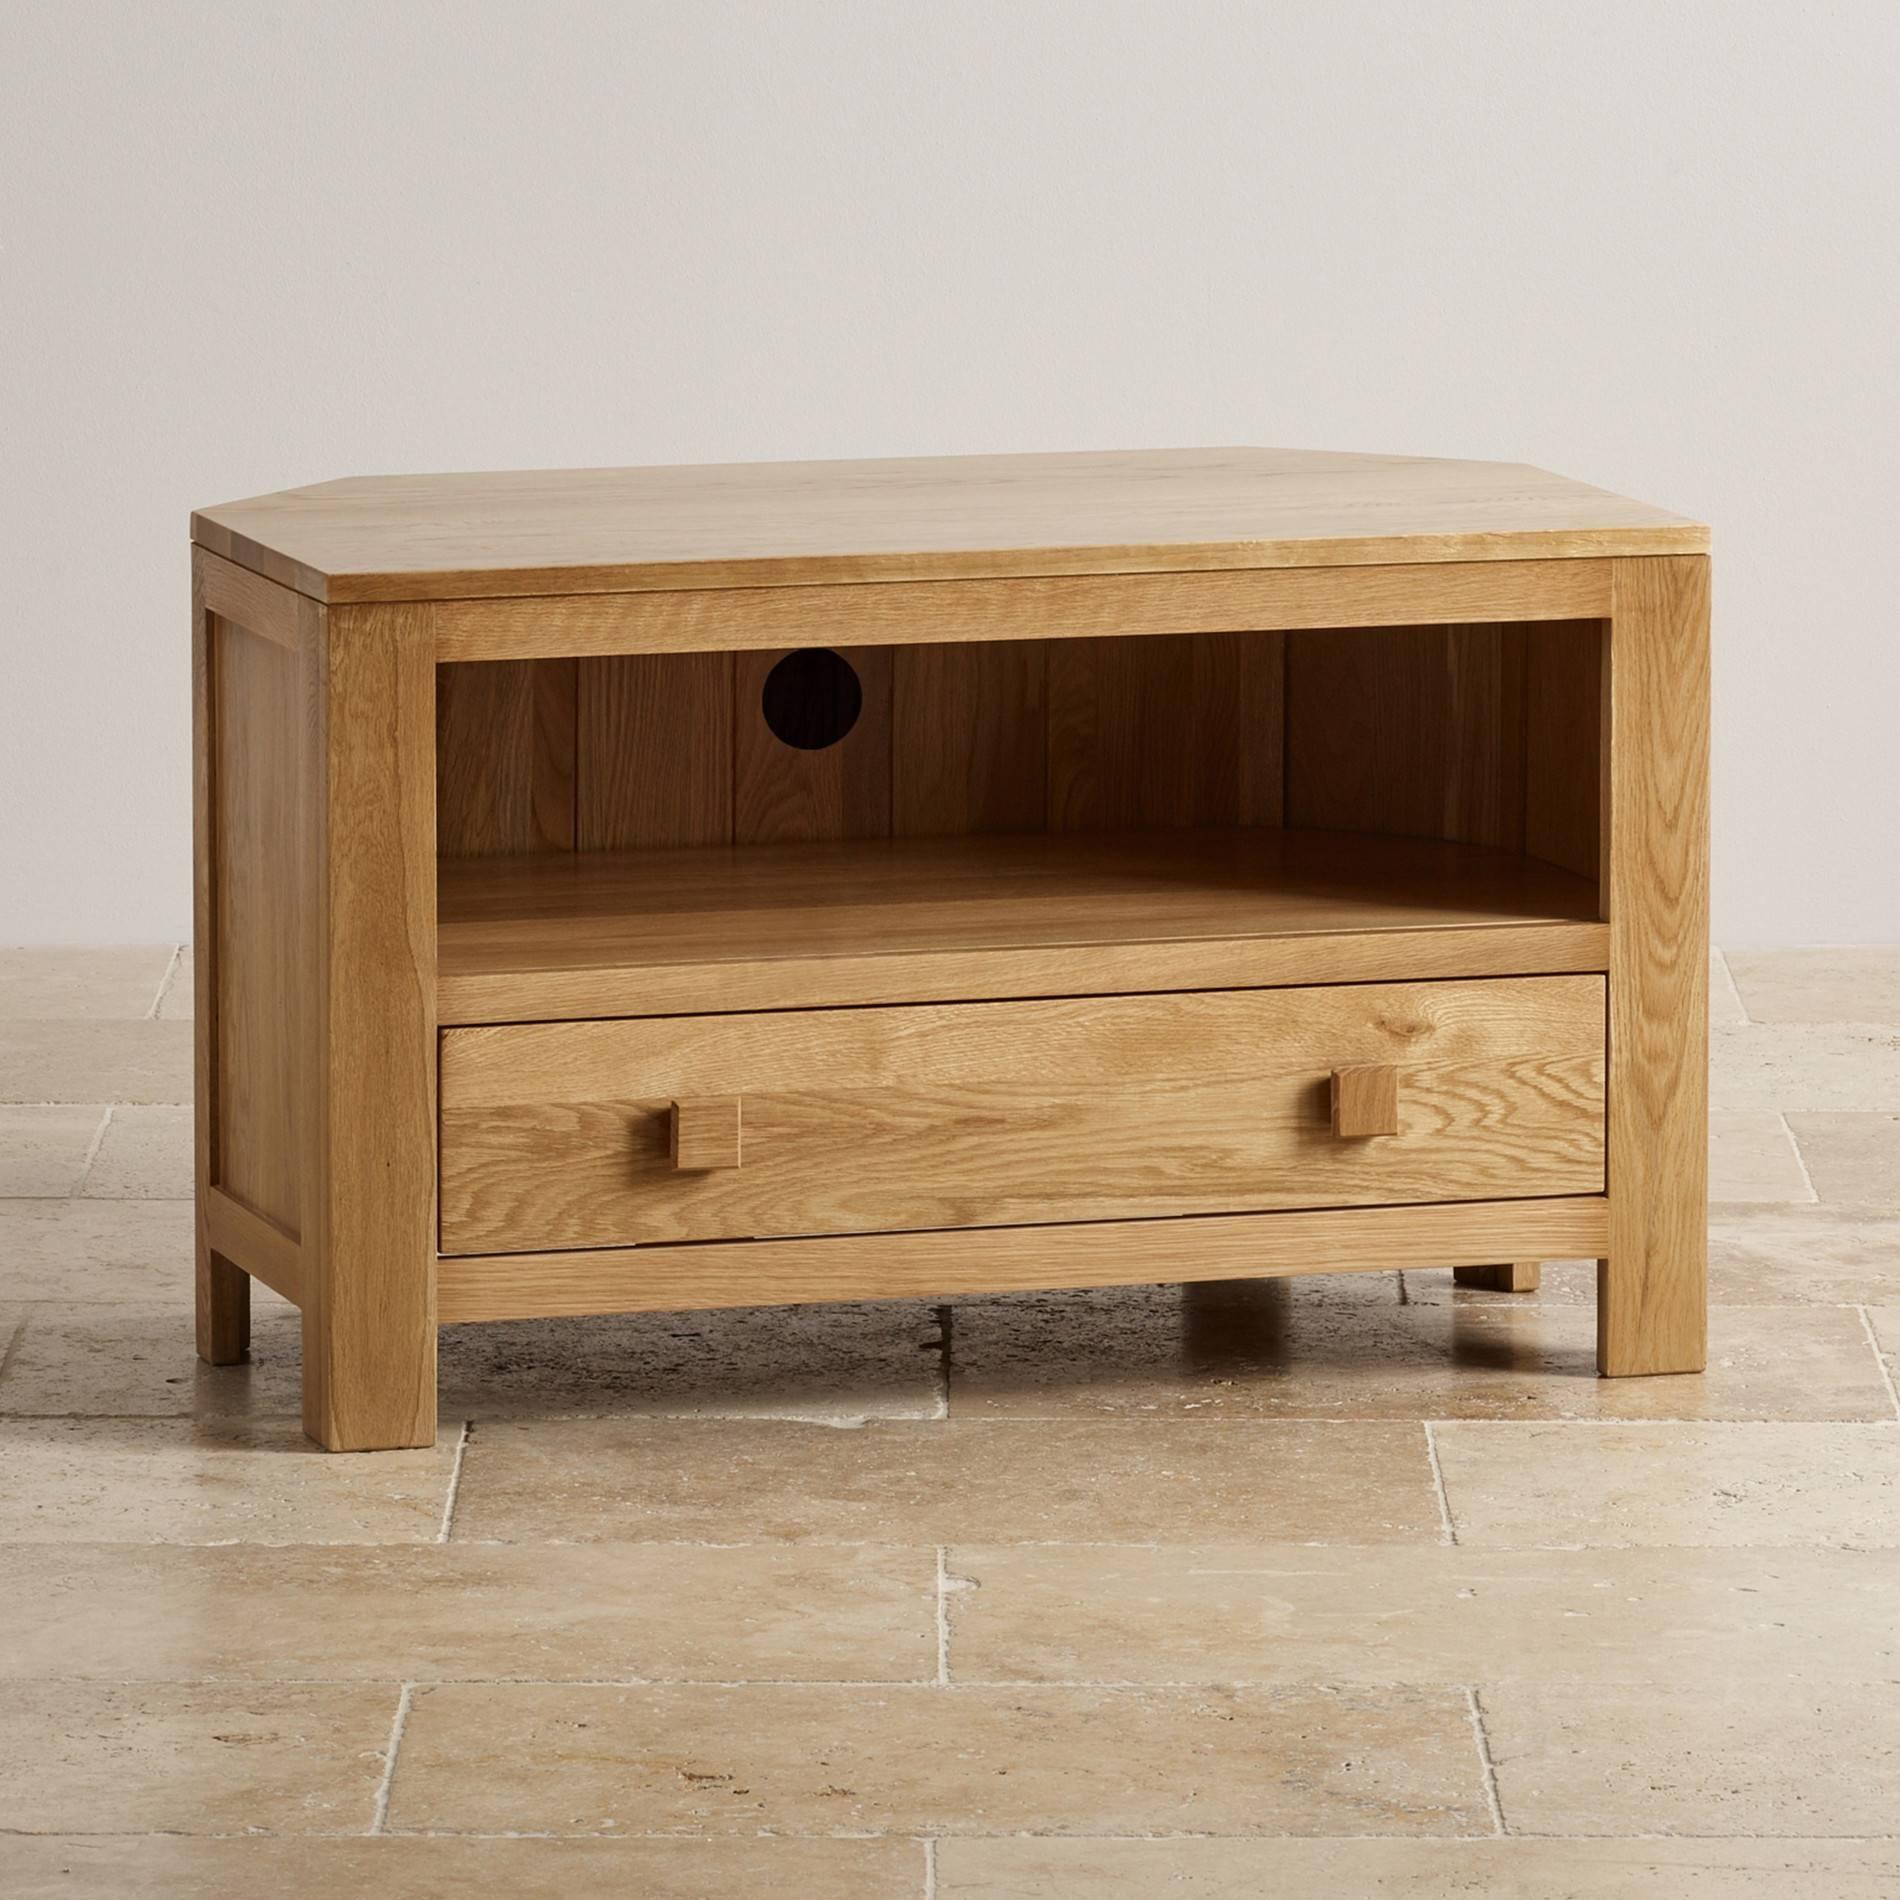 Oakdale Corner Tv Cabinet In Solid Oak | Oak Furniture Land Within Oak Corner Tv Cabinets (View 8 of 15)